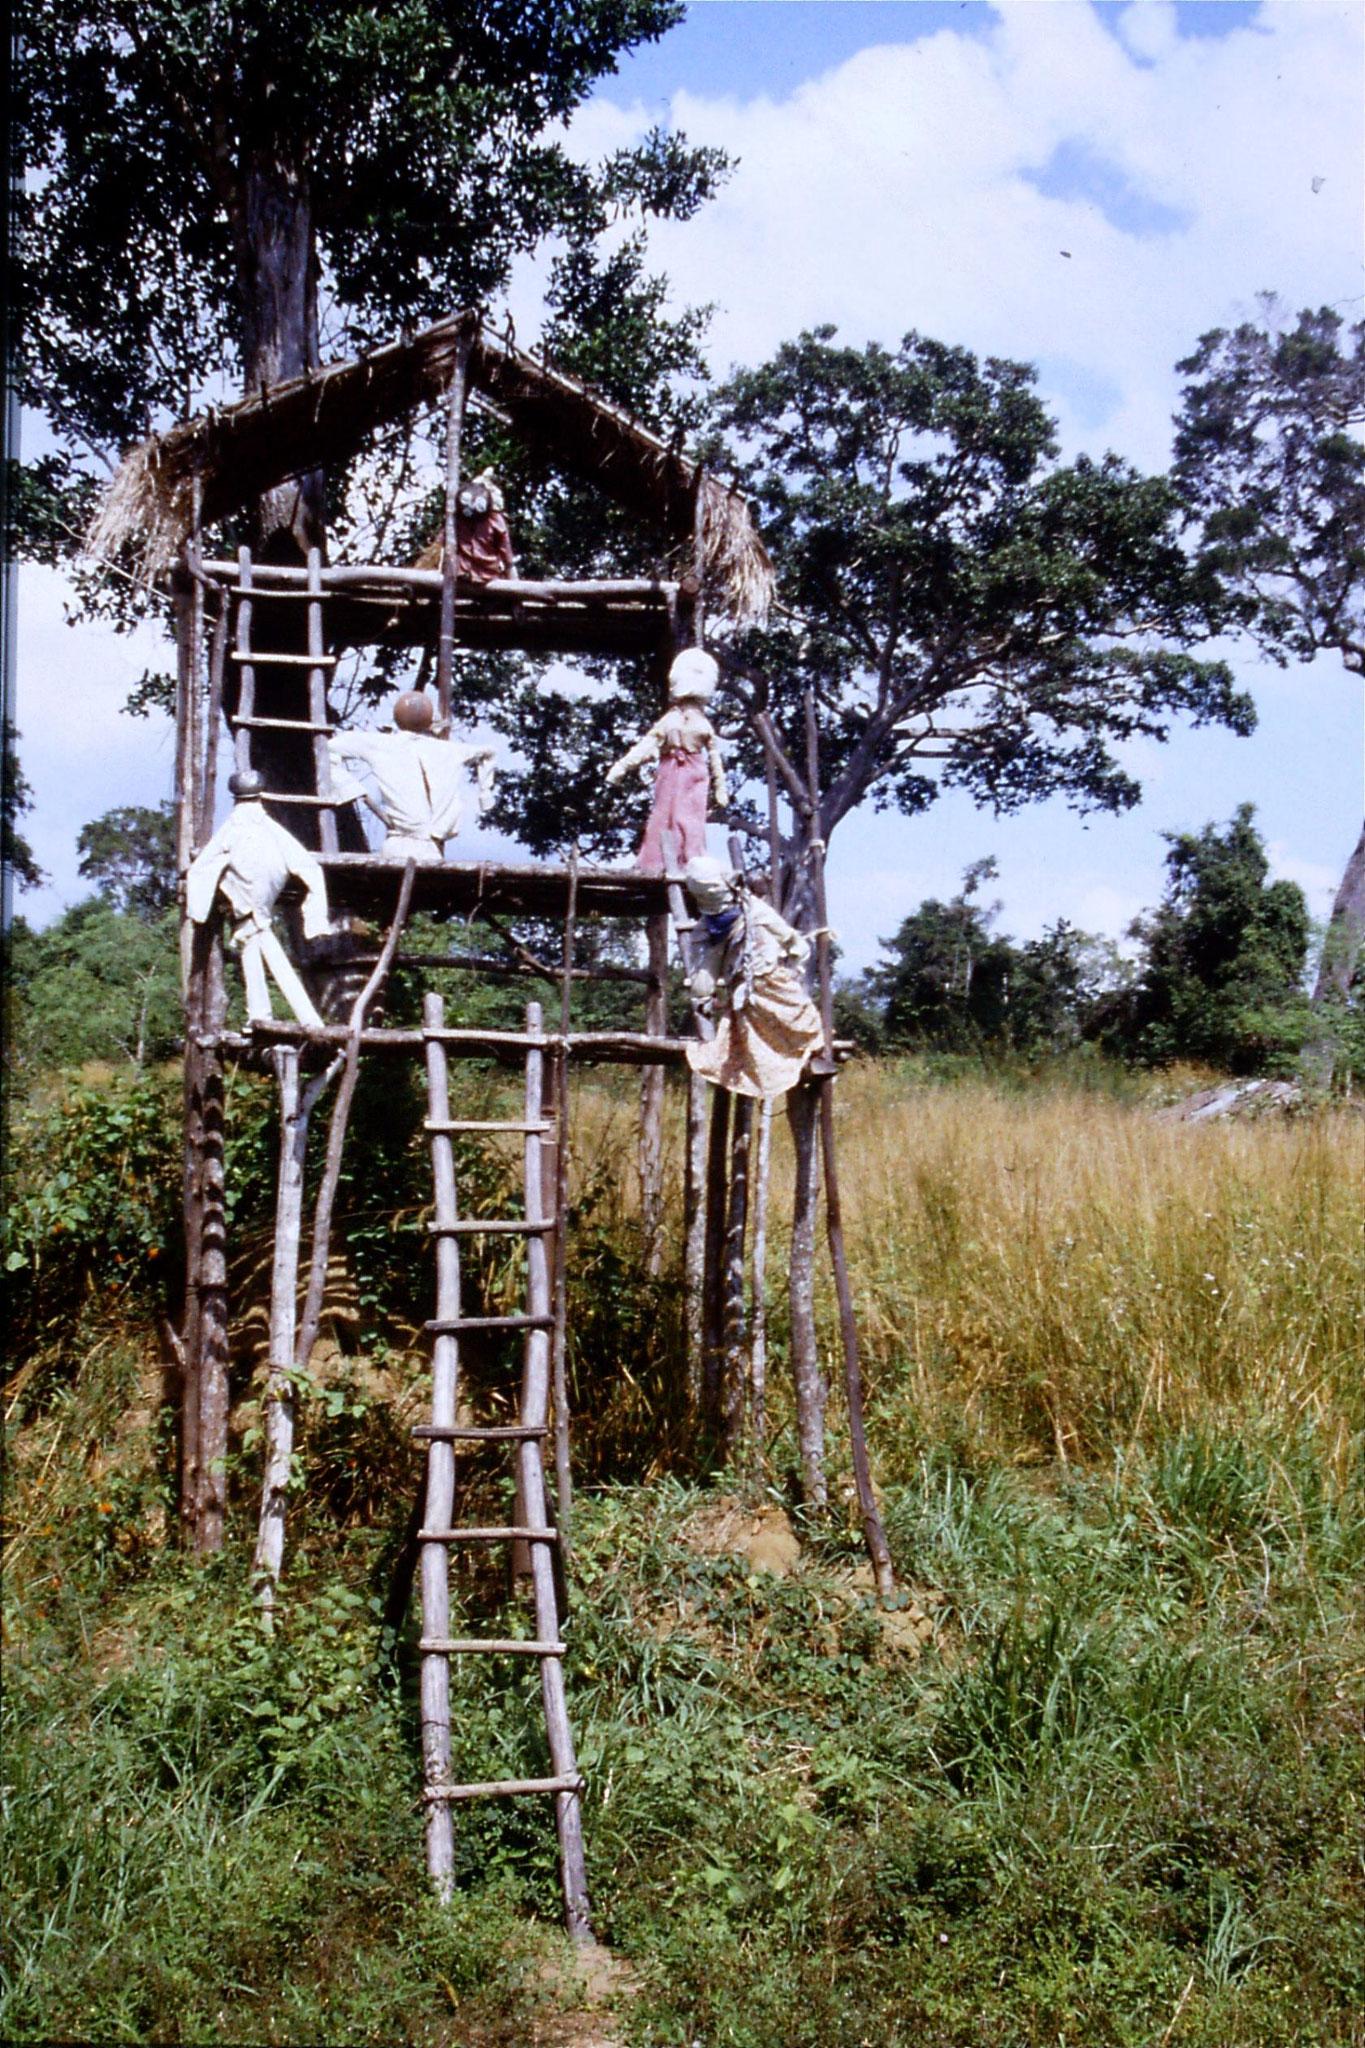 8/2/1990: 36: elephant scarecrow